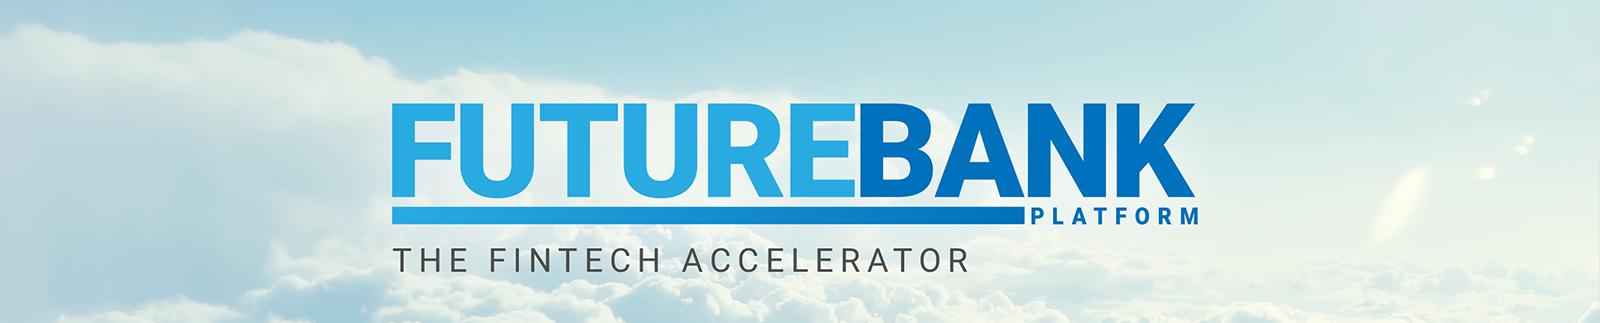 FutureBank Fintech Accellerator